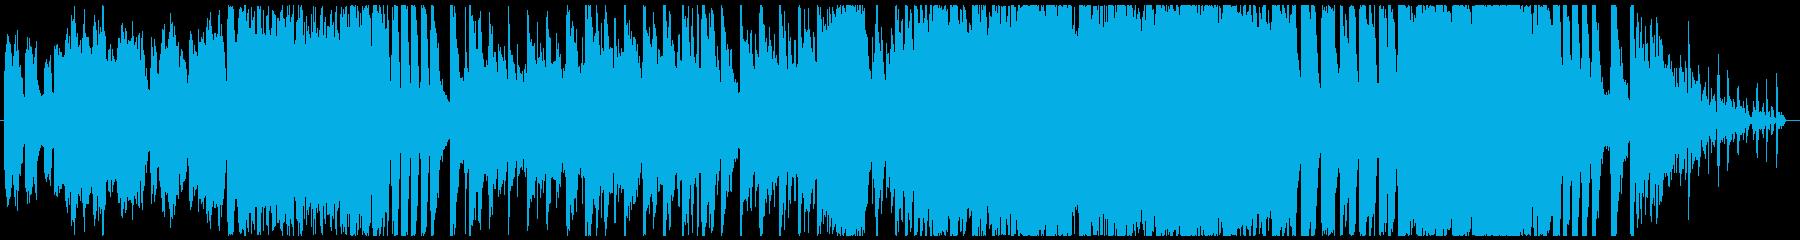 バッハの協奏曲×エレクトロの再生済みの波形